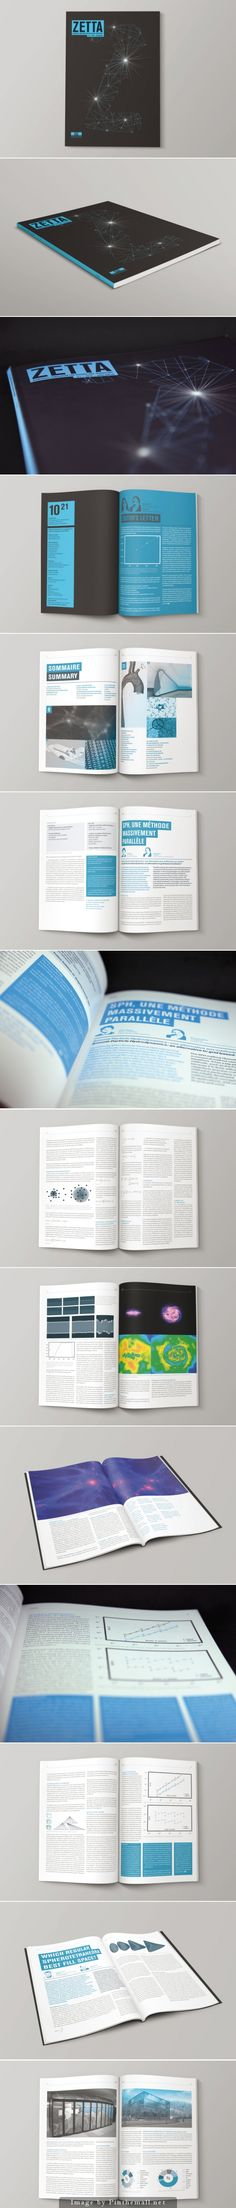 Création et mise en page d'une revue scientifique de l'EPFL intitulée Zetta. Magazine Cover Layout, Magazine Layout Design, Math Design, Book Design, Brochure Layout, Brochure Design, Editorial Layout, Editorial Design, Journal Du Design